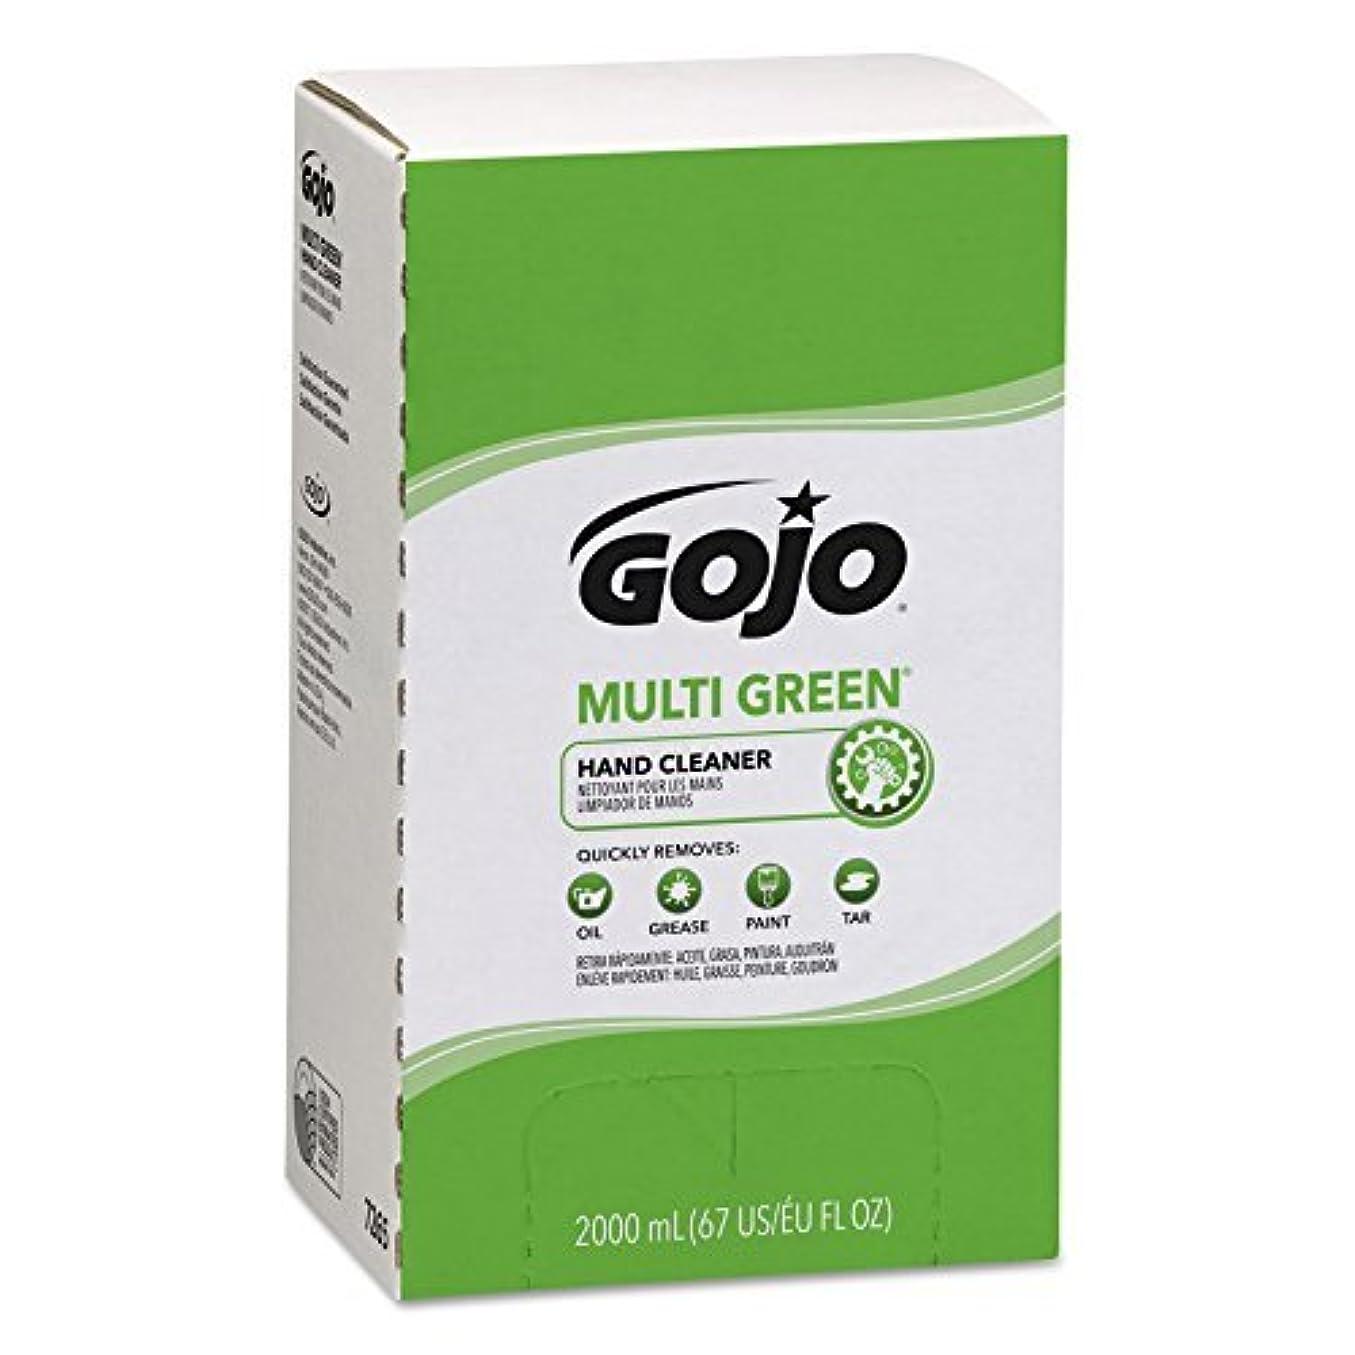 全員肩をすくめるブロッサムGOJO MULTI GREEN Hand Cleaner Gel,Natural Citrus Solvent,2000 mL BioPreferred Certified Hand Cleaner Refill for...